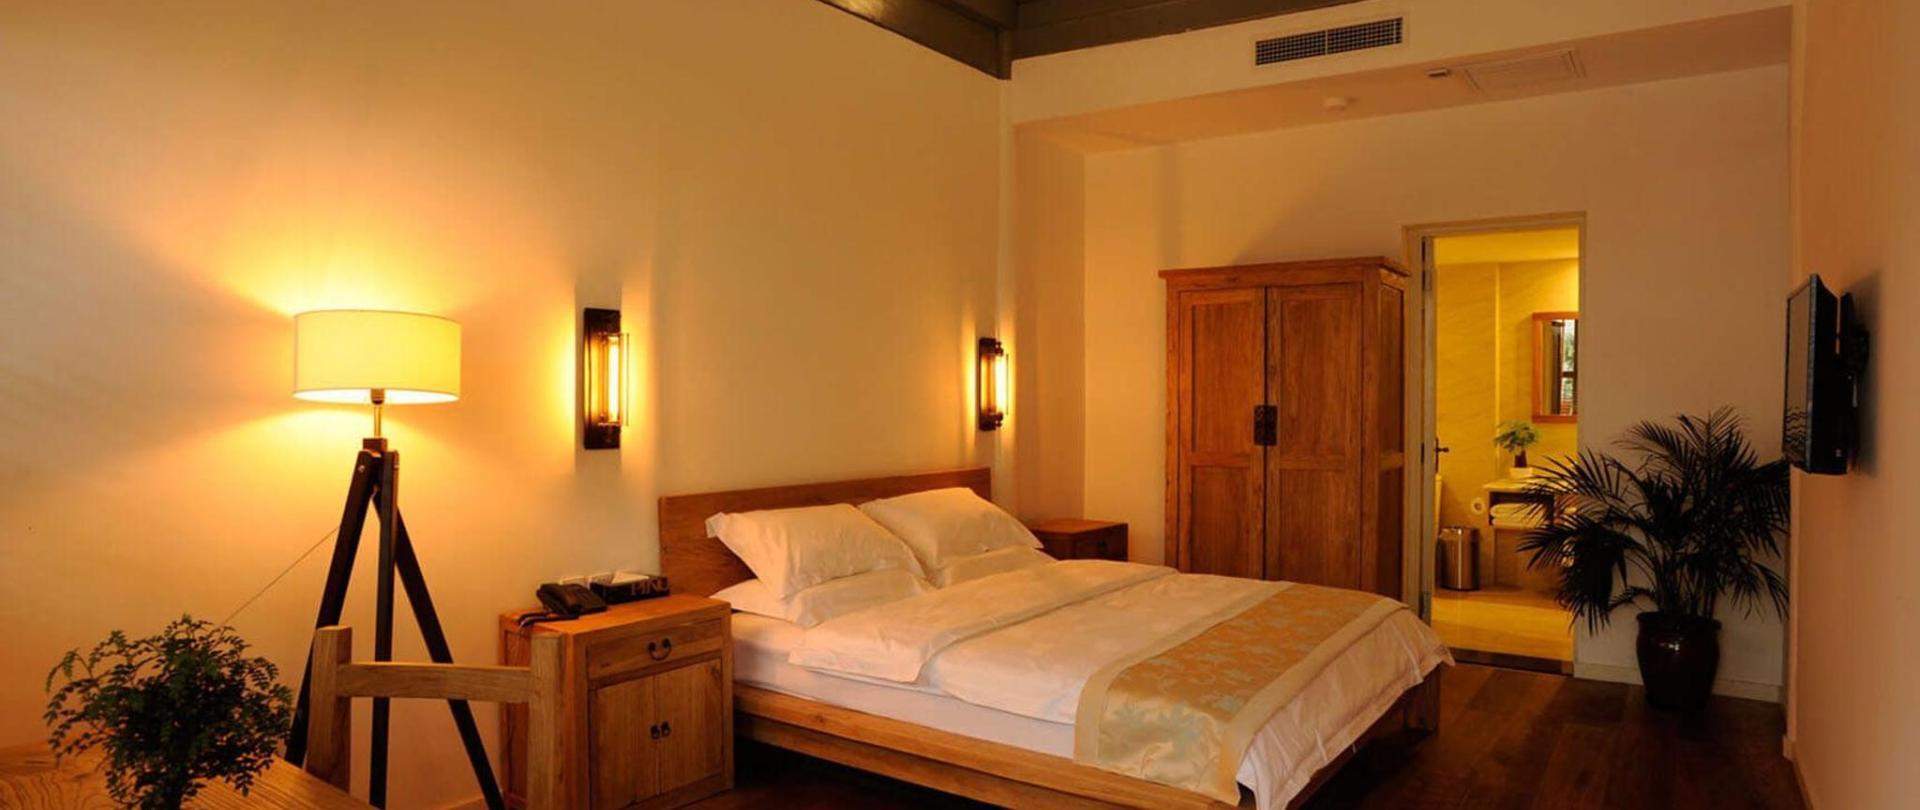 hulu-room03.jpg